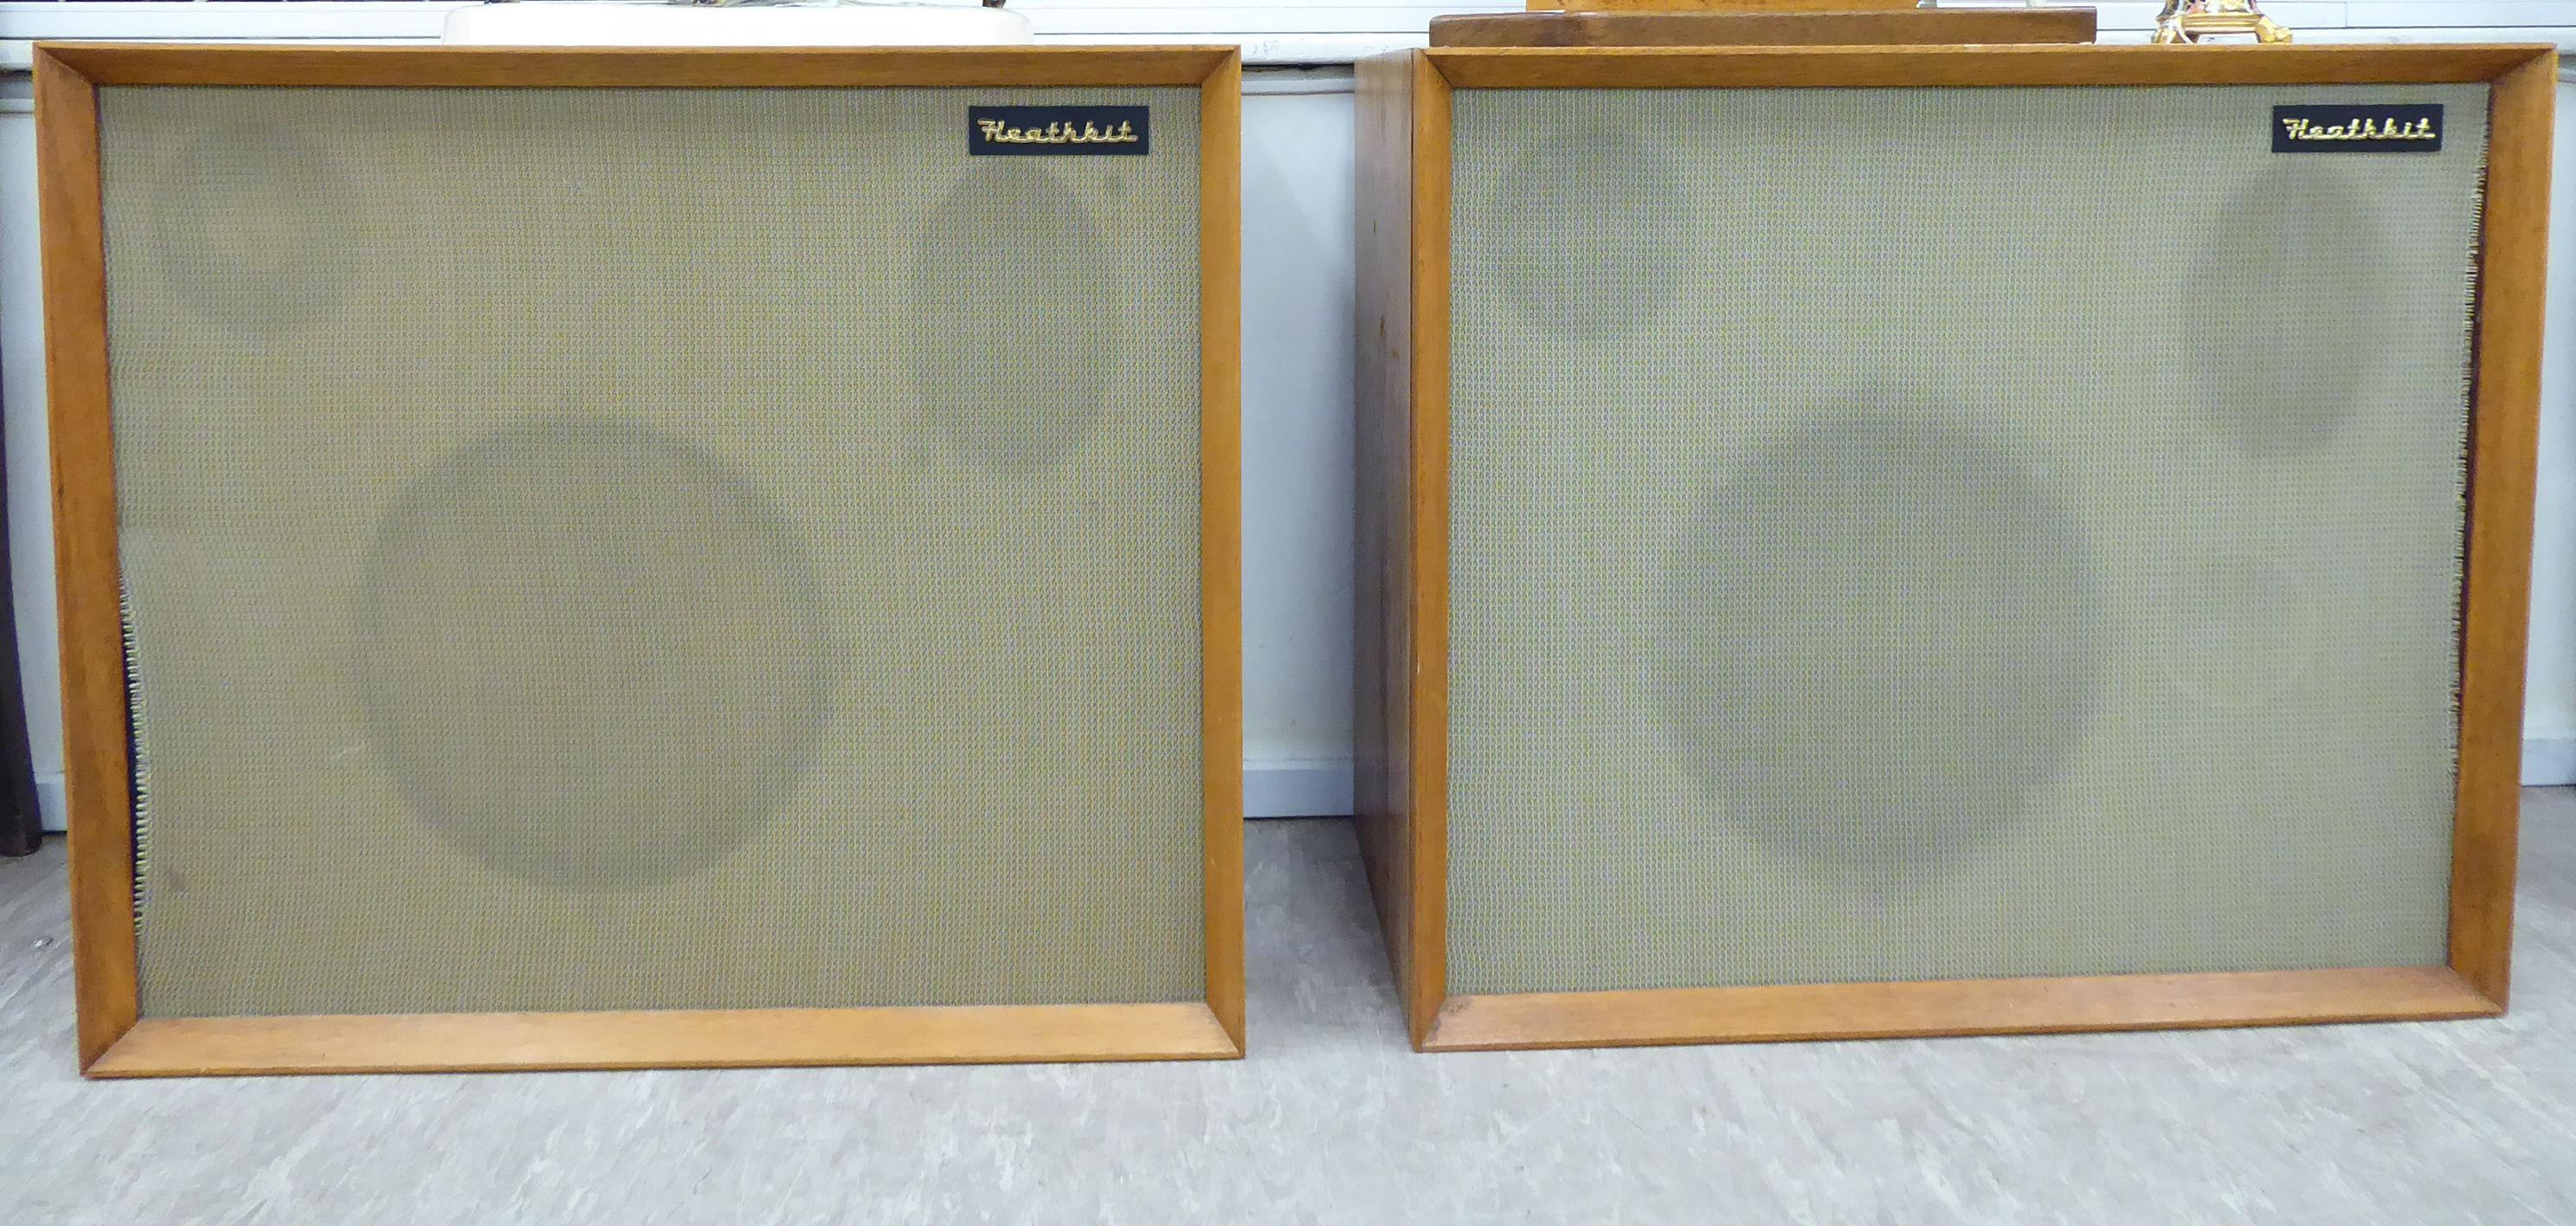 Lot 17 - A pair of Heathkit teak cased speakers 23''h 26''w SR